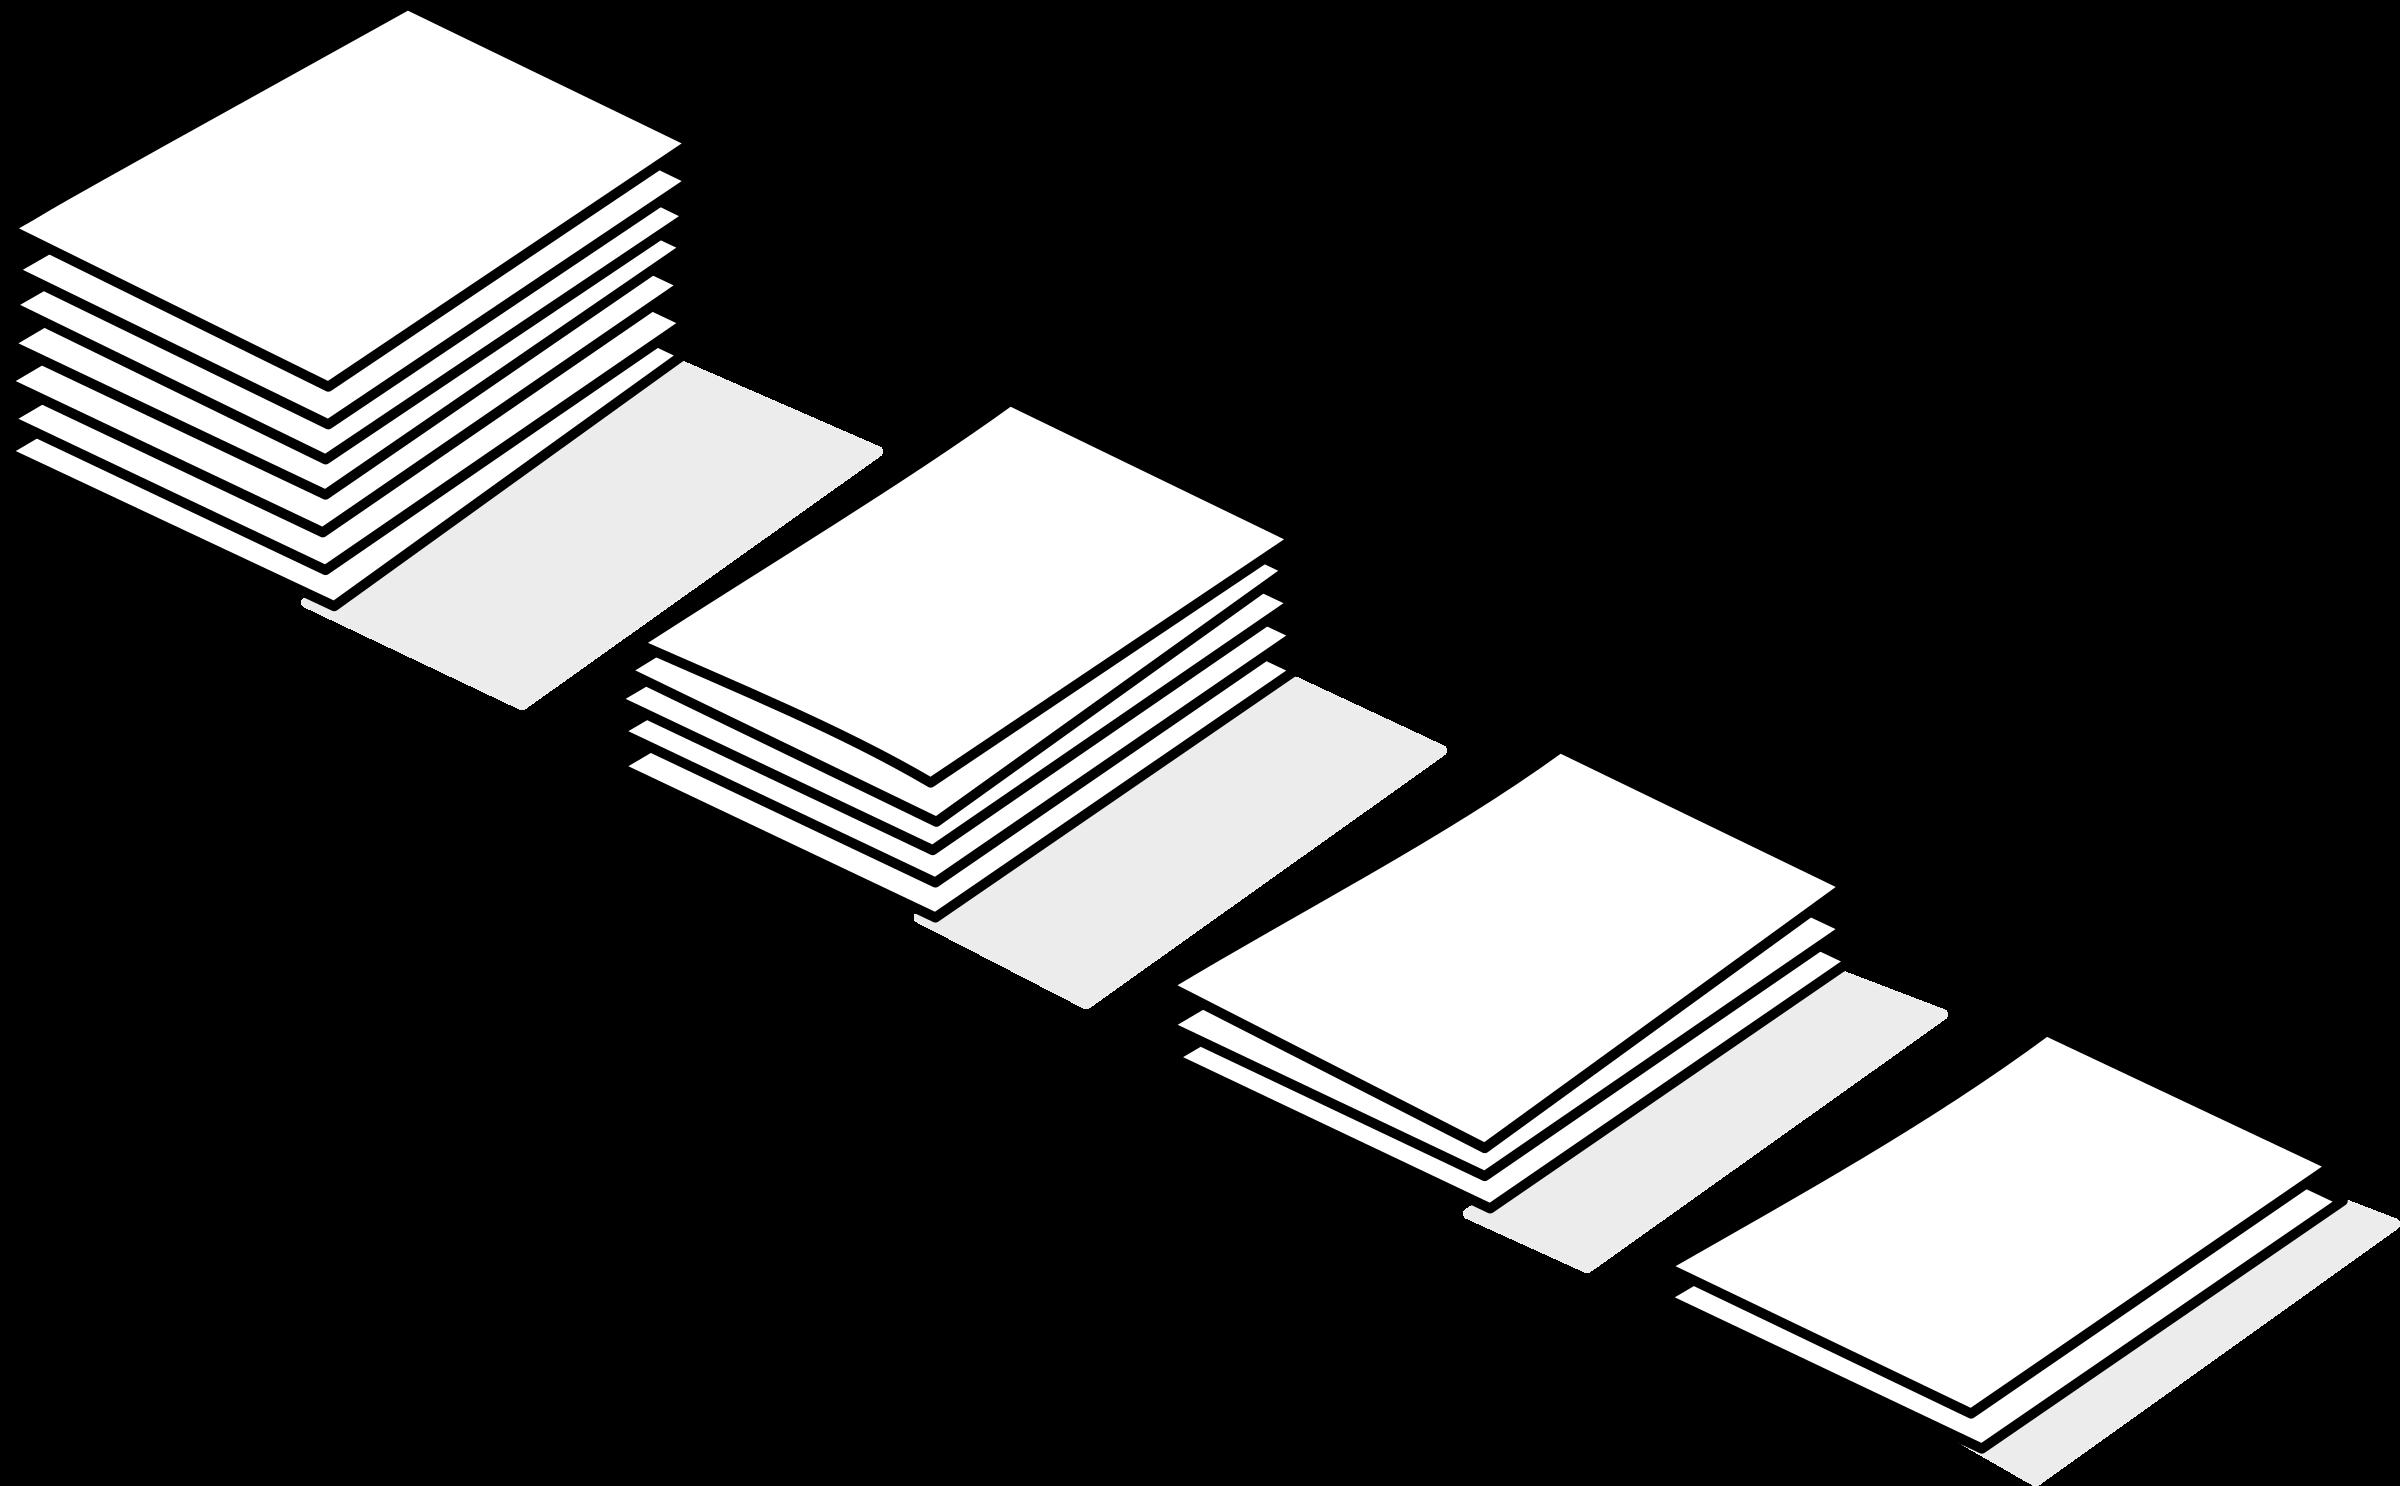 Paper clipart pile paper Papier piles of de Clipart